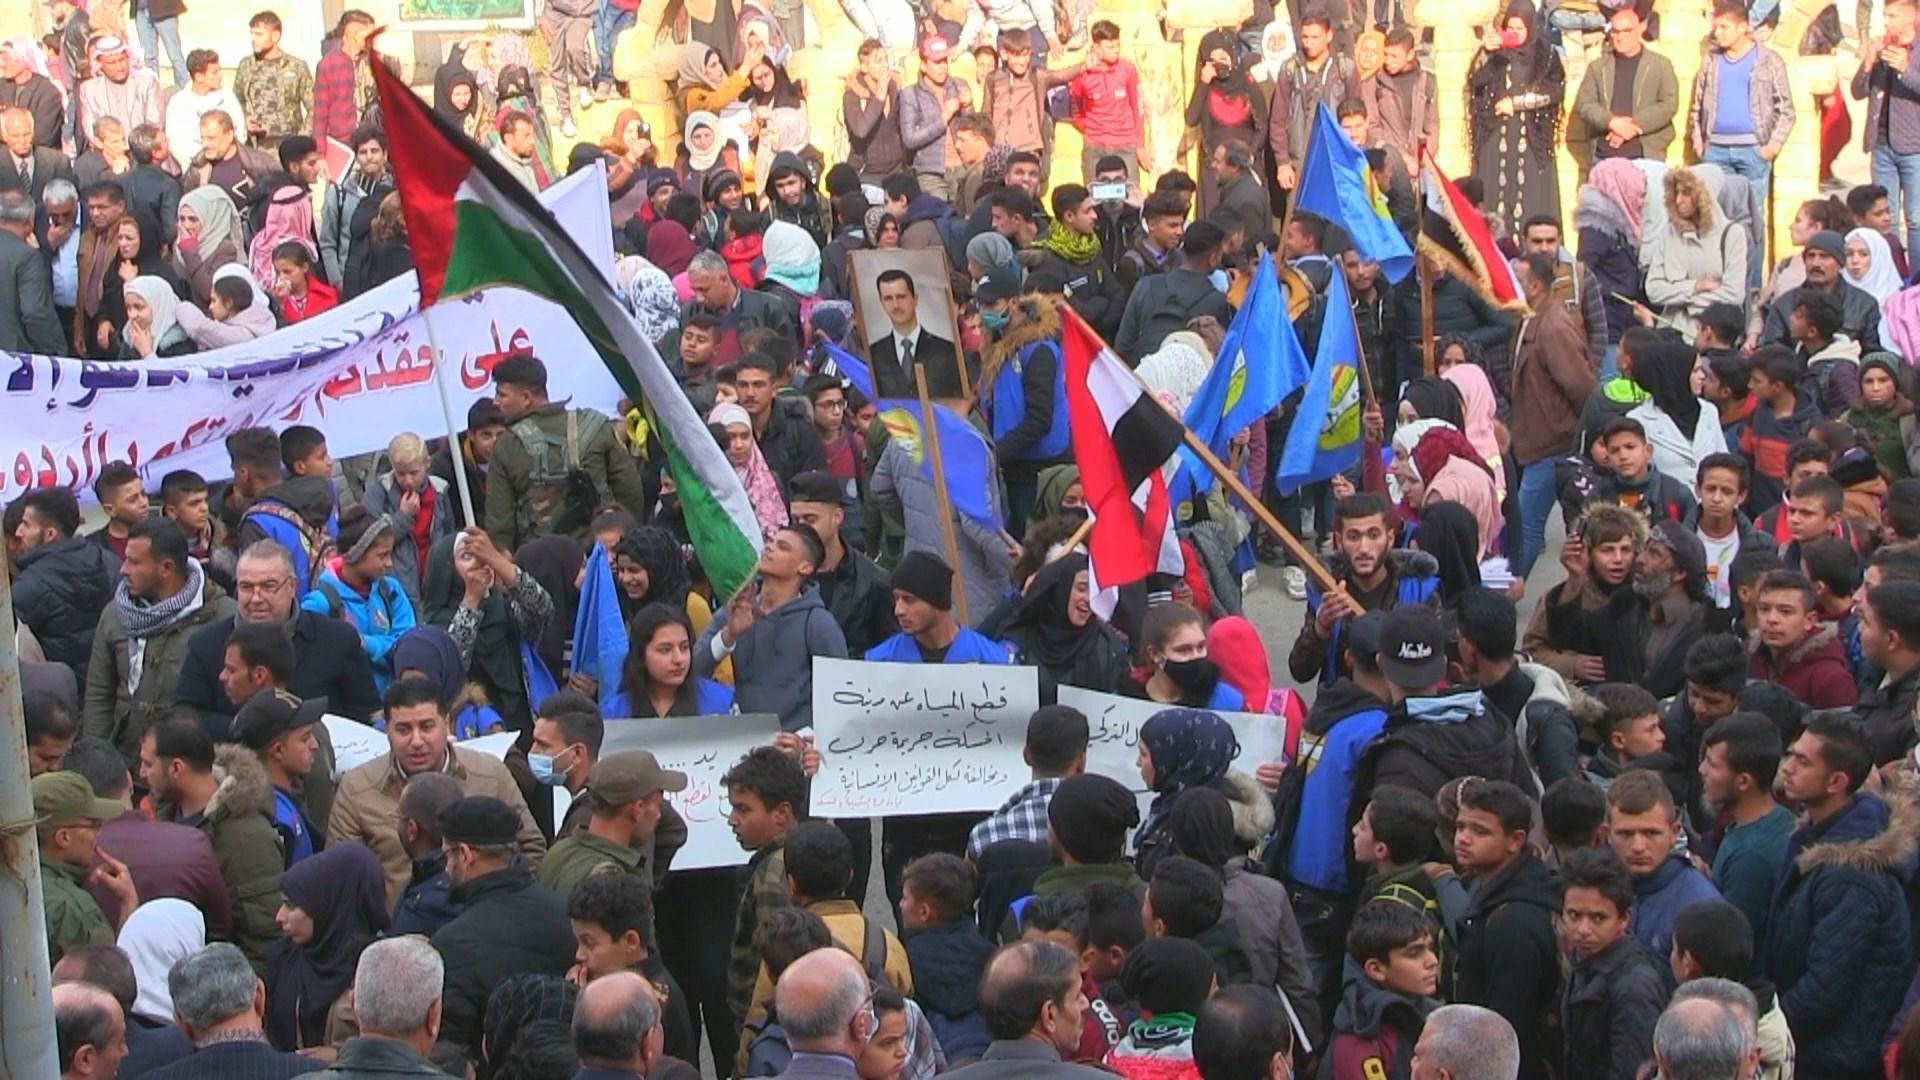 أهالي الحسكة يتظاهرون ضد حصار